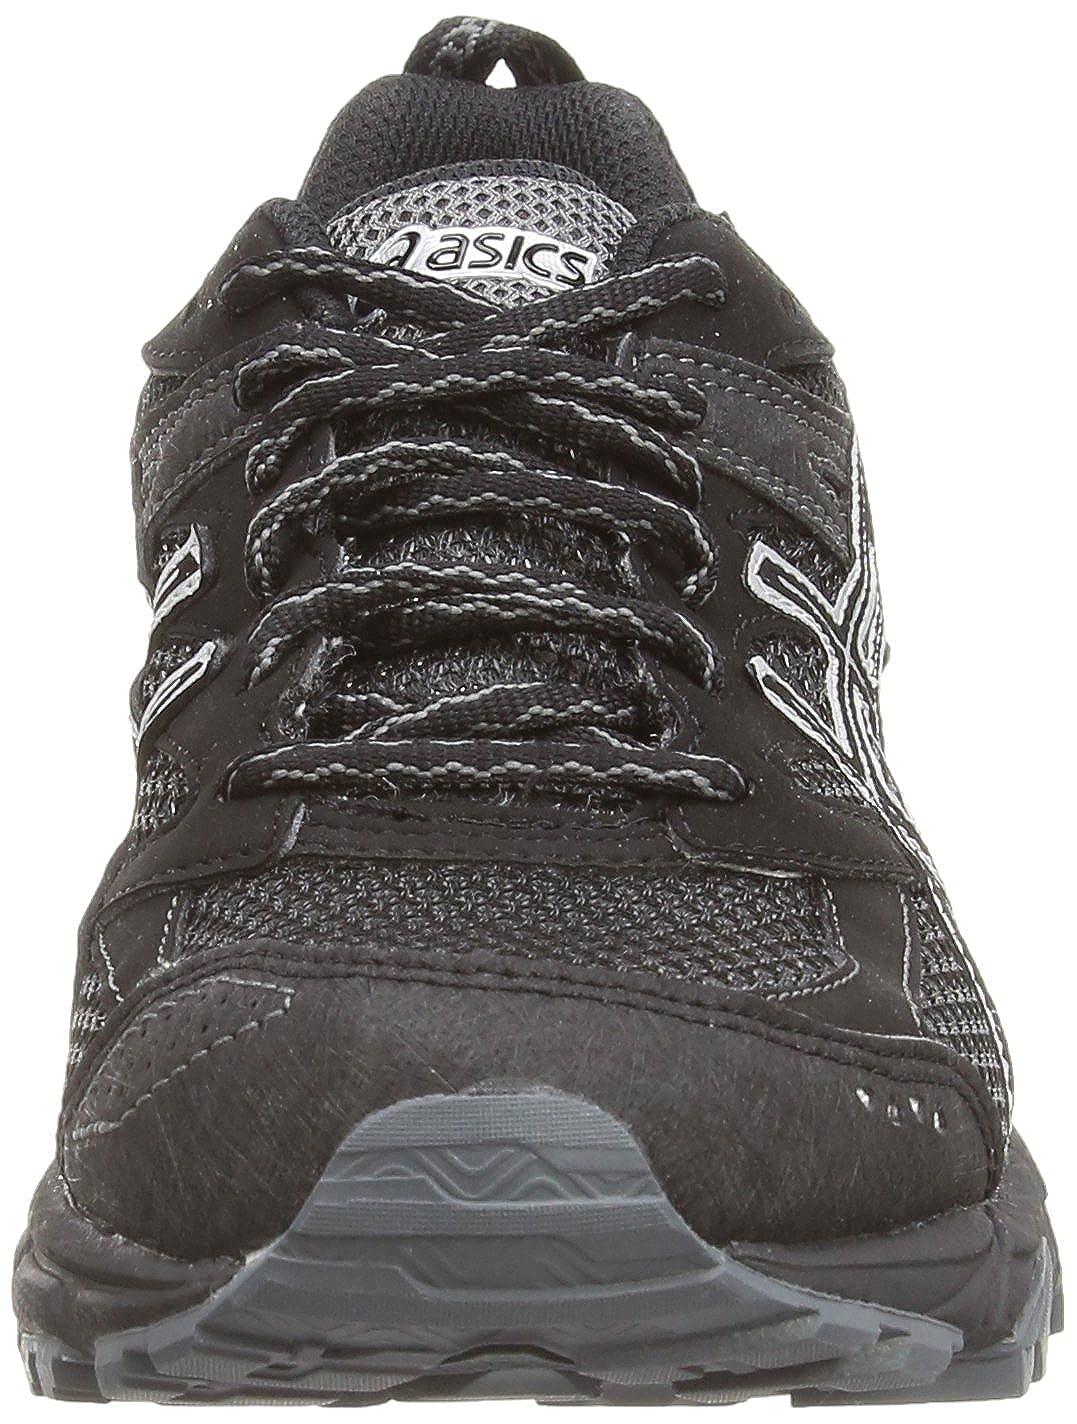 ASICS Gel-Trail Lahar 6 6 6 G-Tx Damen Outdoor Fitnessschuhe 1120c4